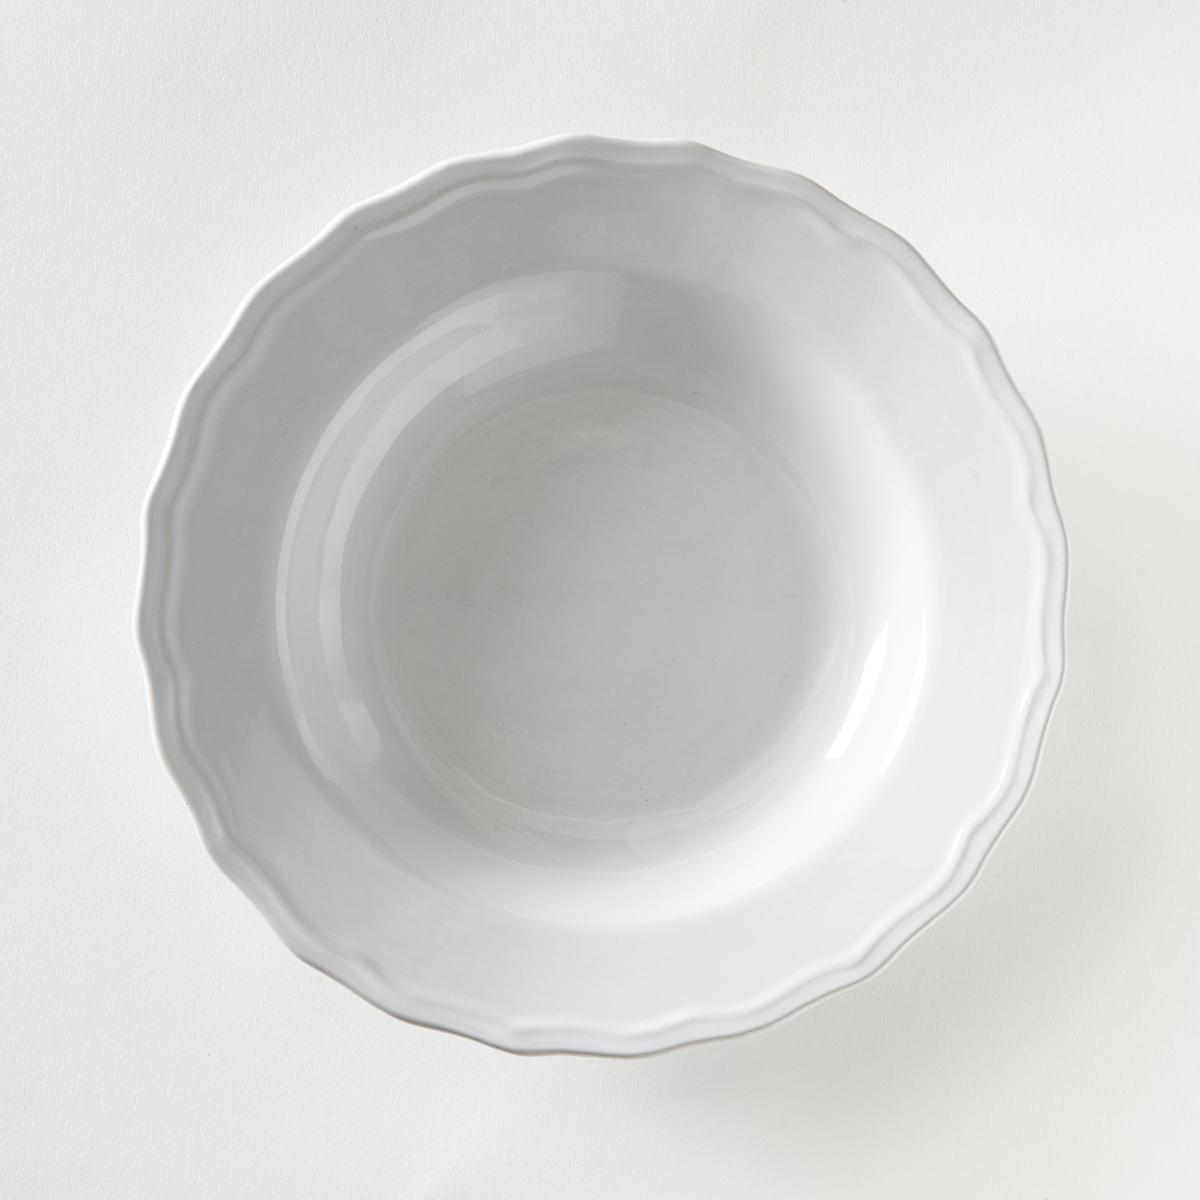 4 тарелки глубокие с отделкой фестоном, AjilaХарактеристики 4 тарелок глубоких с отделкой фестоном Ajila  :- Из фаянса, зубчатая кромка.- Диаметр 20,5 см  .- Можно использовать в посудомоечных машинах и микроволновых печах.Плоские, десертные тарелки, чашки, кружки и блюдца Ajila продаются на нашем сайте.<br><br>Цвет: белый,серо-коричневый